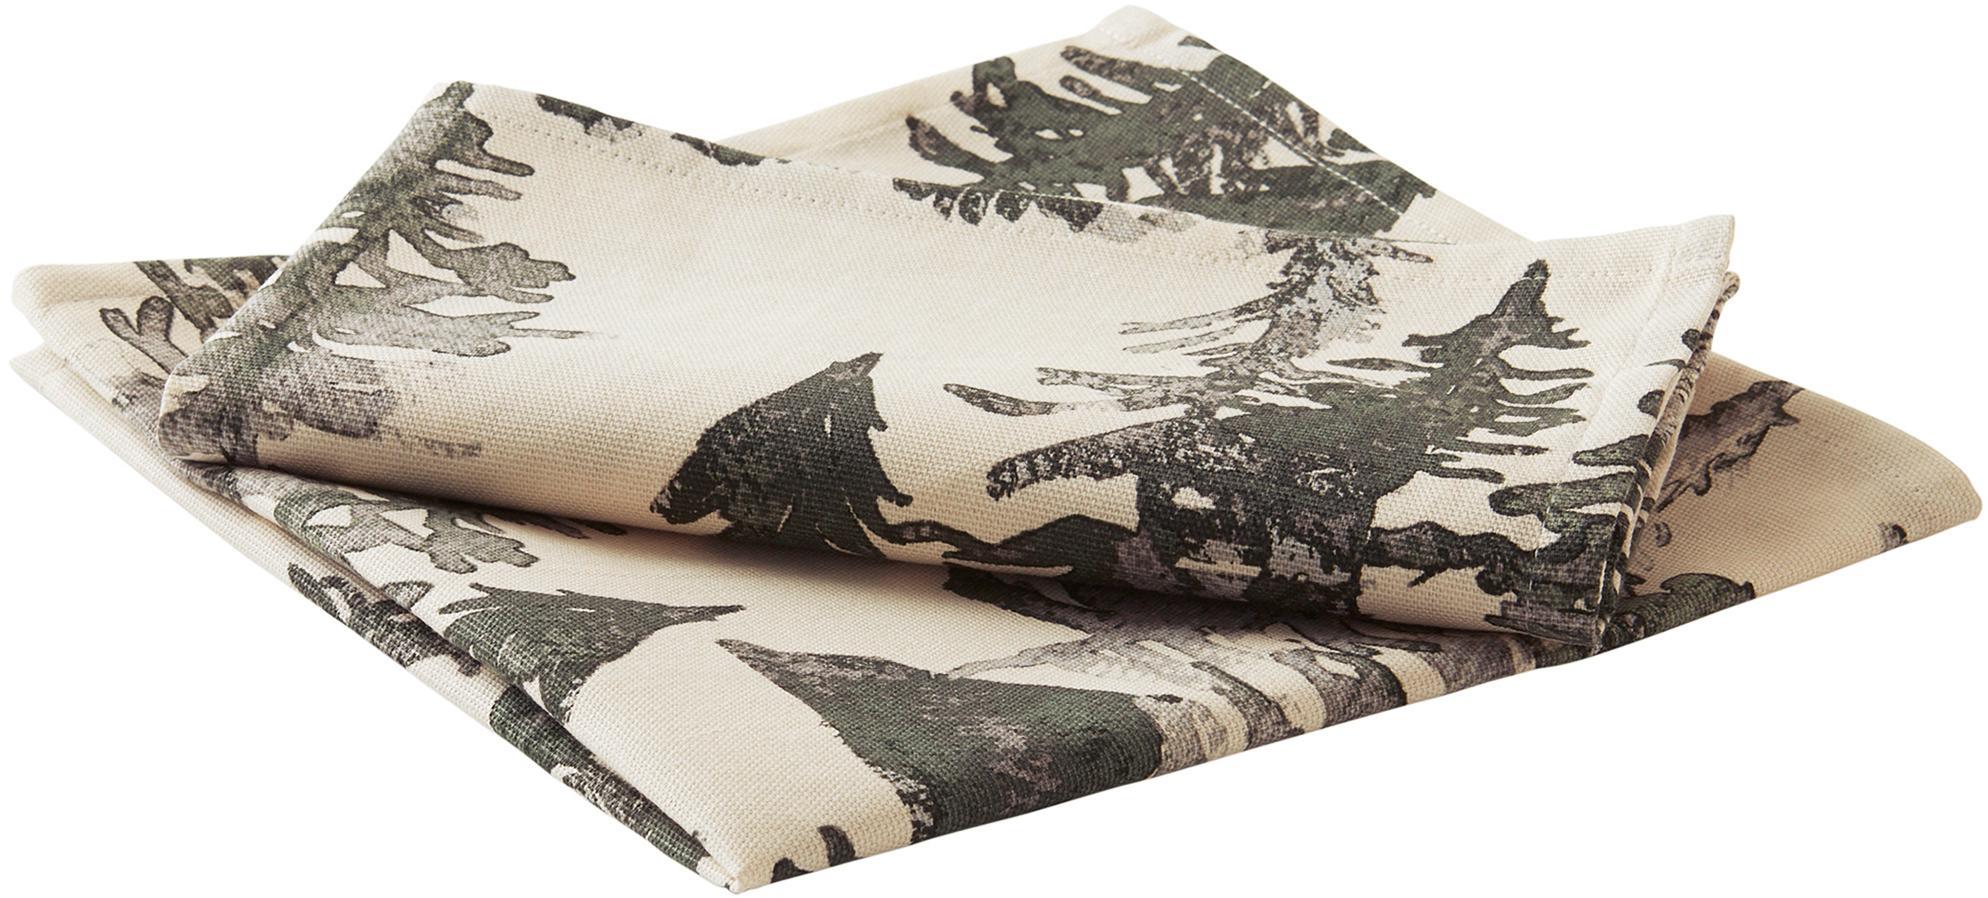 Serwetka z bawełny Forest, 2 szt., 100% bawełna pochodząca ze zrównoważonych upraw, Odcienie kremowego, zielonego i szarego, S 45 x D 45 cm